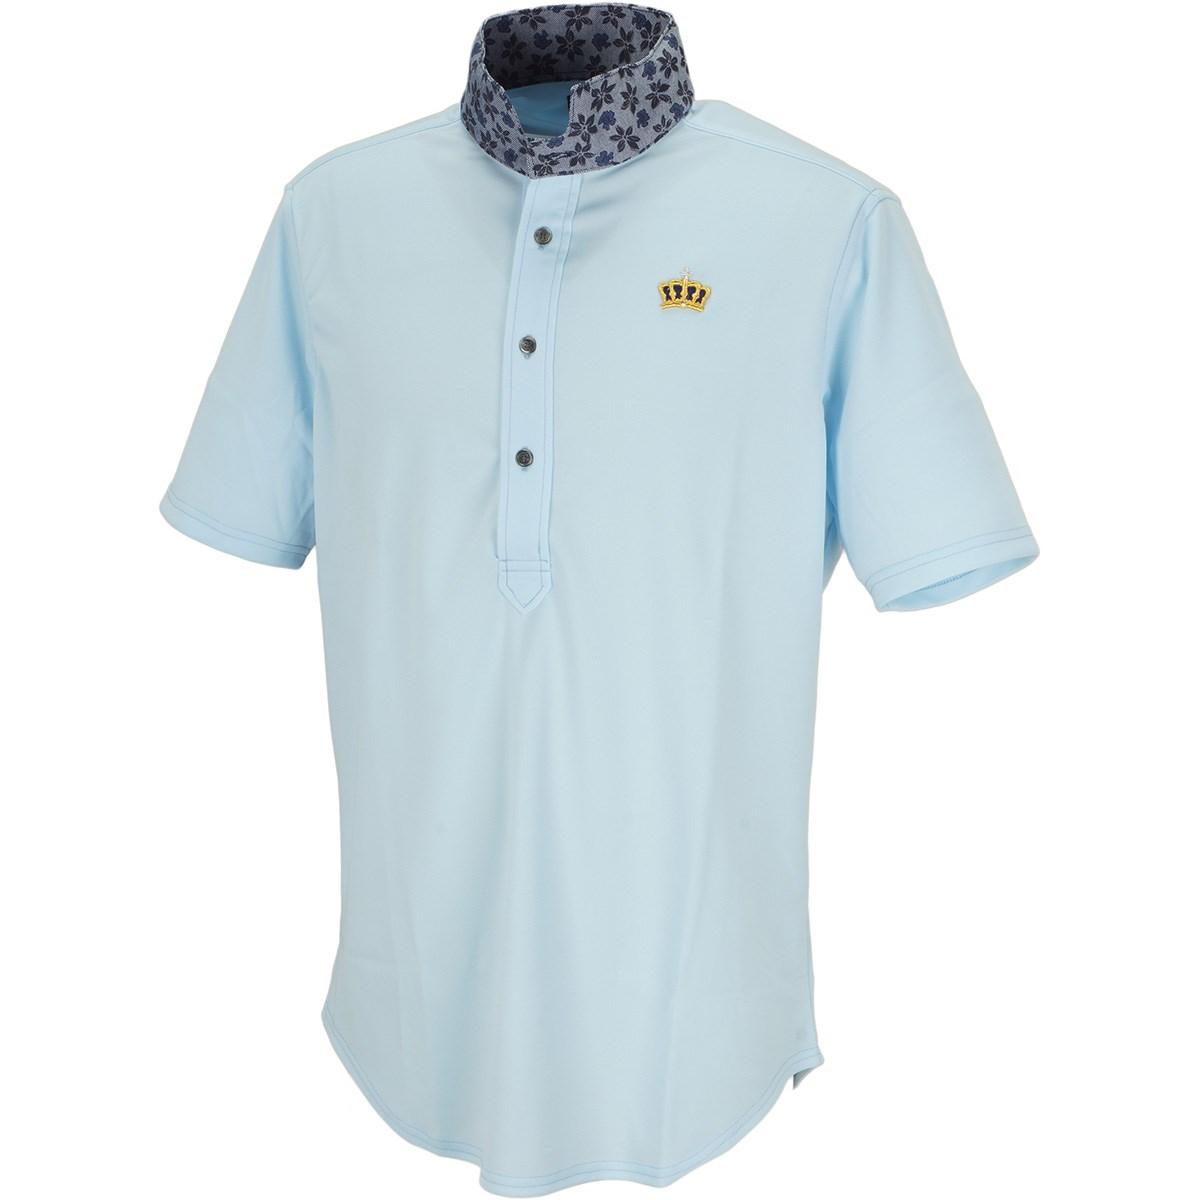 ブラッドシフト 小花柄ウィングカラー半袖ポロシャツ